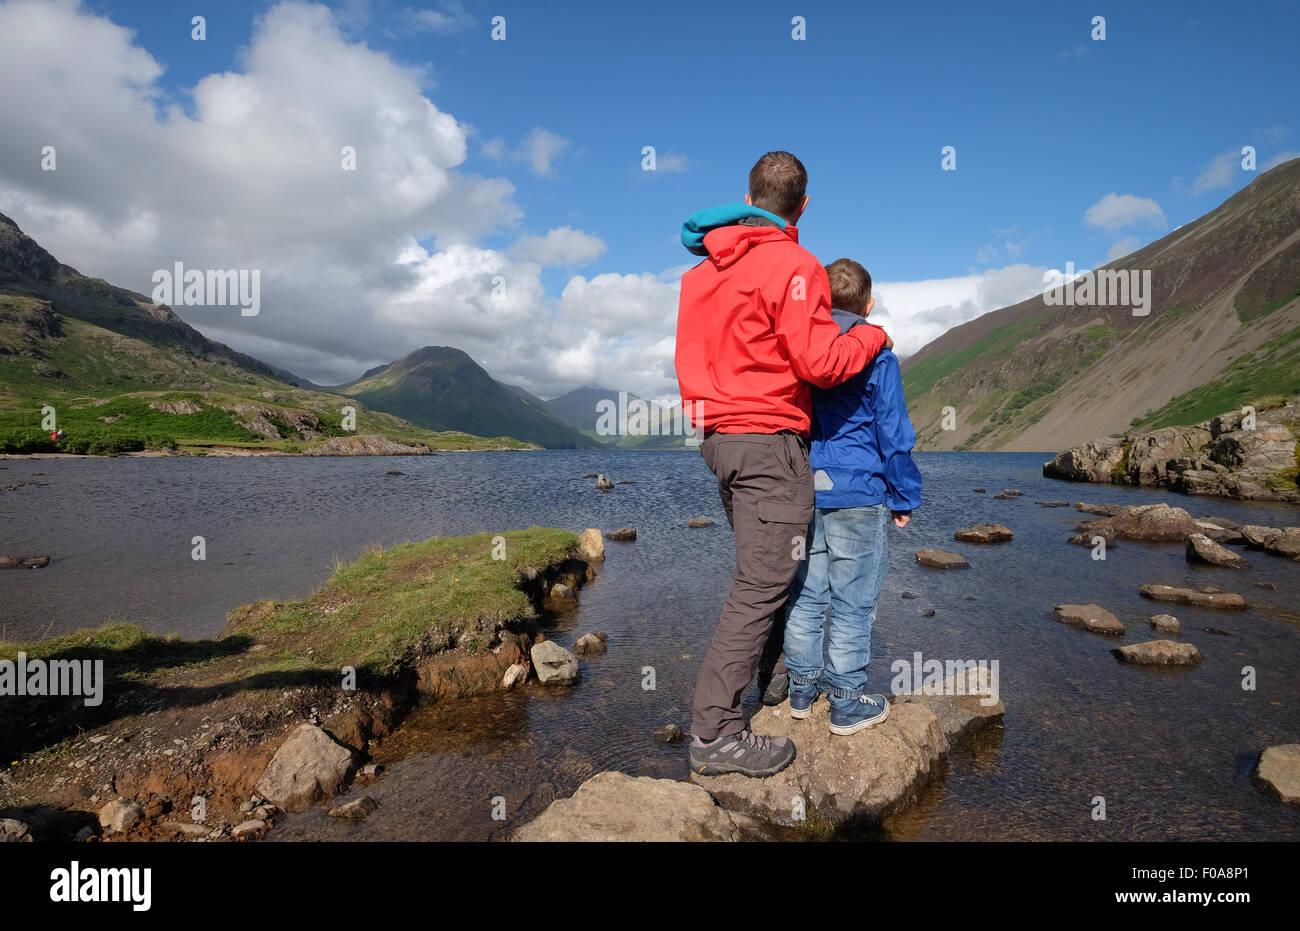 Un padre e figlio di godere della vista a Wastwater nel Lake District Cumbria, Regno Unito Immagini Stock